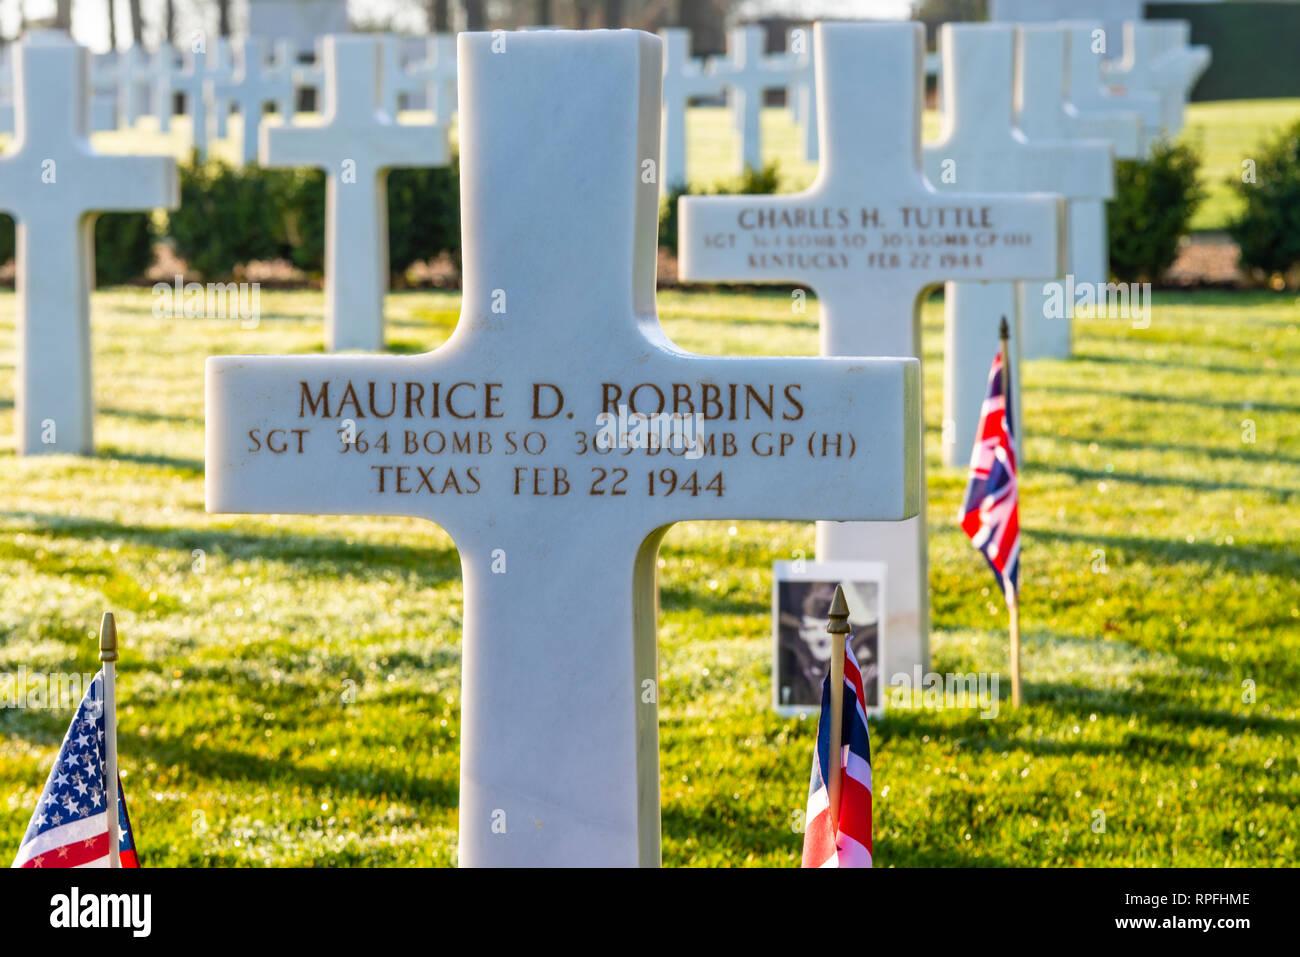 Un flypast de nosotros y aviones de la RAF ha sido organizado para volar sobre el sitio del accidente del bombardero B-17 'Mi Amigo' por el 75º aniversario del evento en Sheffield. Los cazas F-15 de la USAF continuó en el Cementerio Americano de Cambridge en 3 de los 10 tripulantes están enterrados. El Sargento Harry W Estabrooks, el sargento Maurice D Robbins y el Sargento Charles H Tuttle fueron recordados en una ceremonia en el cementerio antes del flypast. Sus inscripciones resaltada con arena de las playas de Normandía. Otros 7 tripulación vuelve a nosotros Imagen De Stock